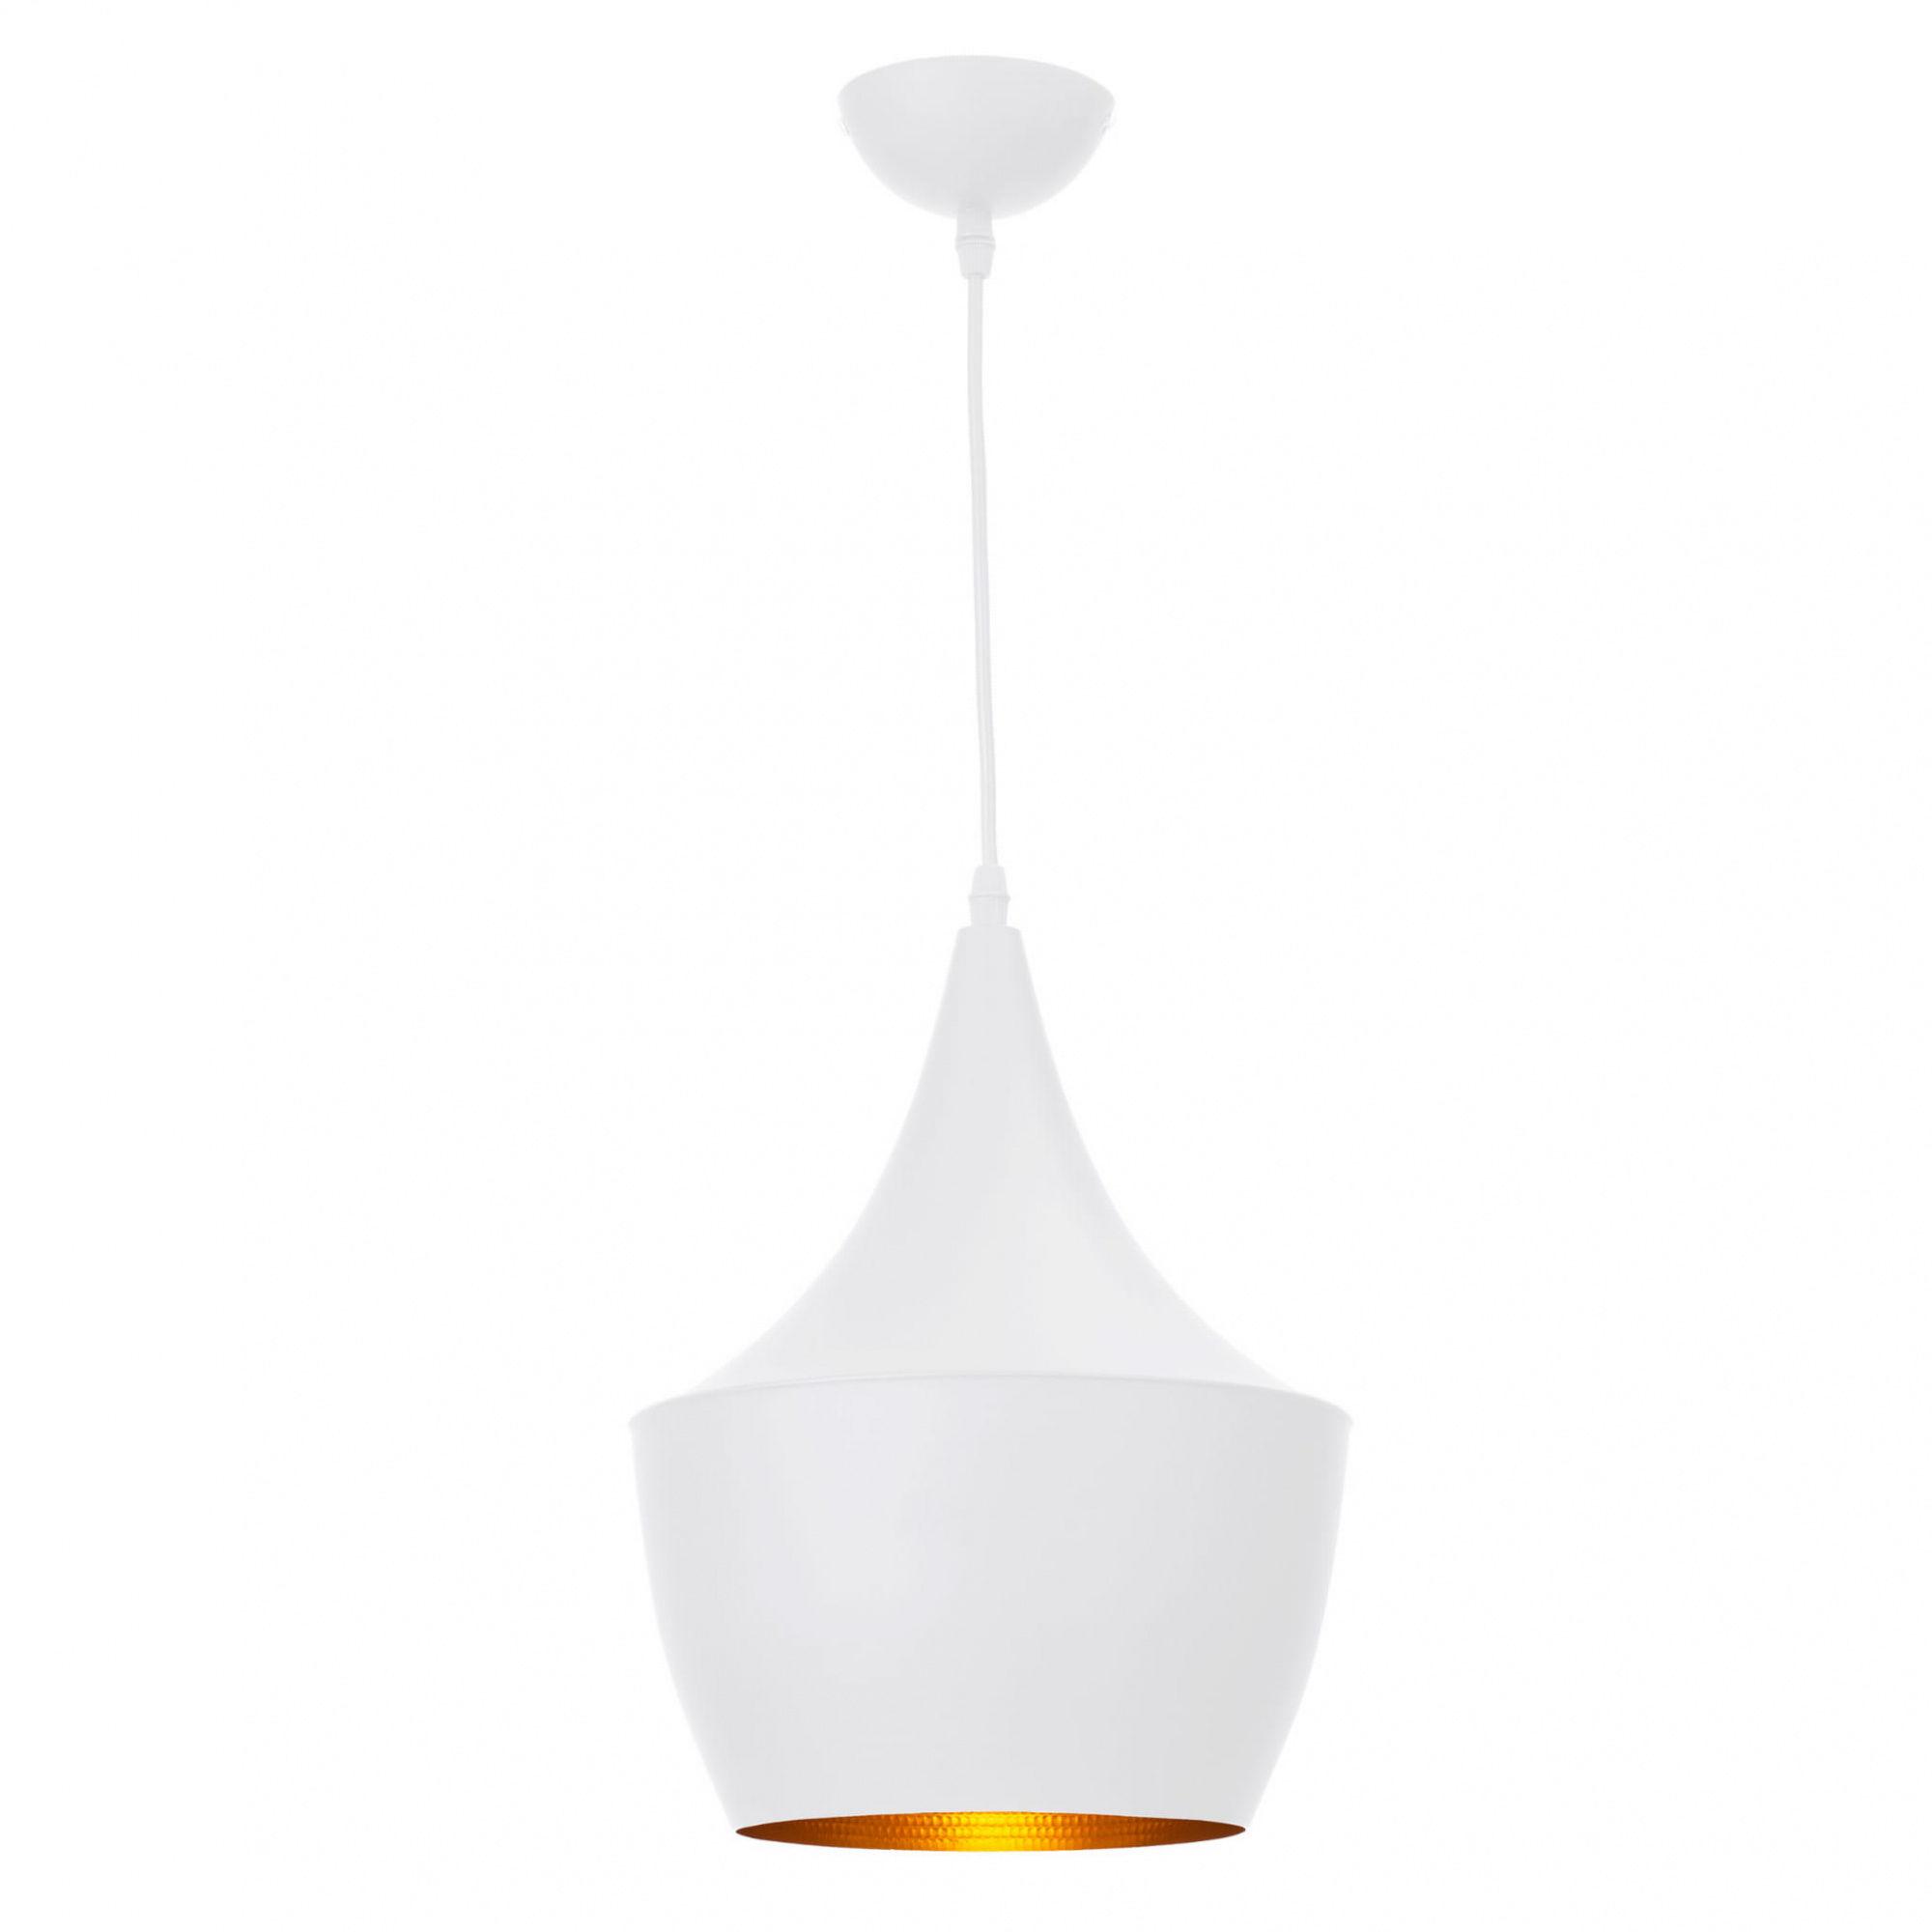 Lampa wisząca Caselle LP-42013/1P Light Prestige biało-złota oprawa w minimalistycznym stylu